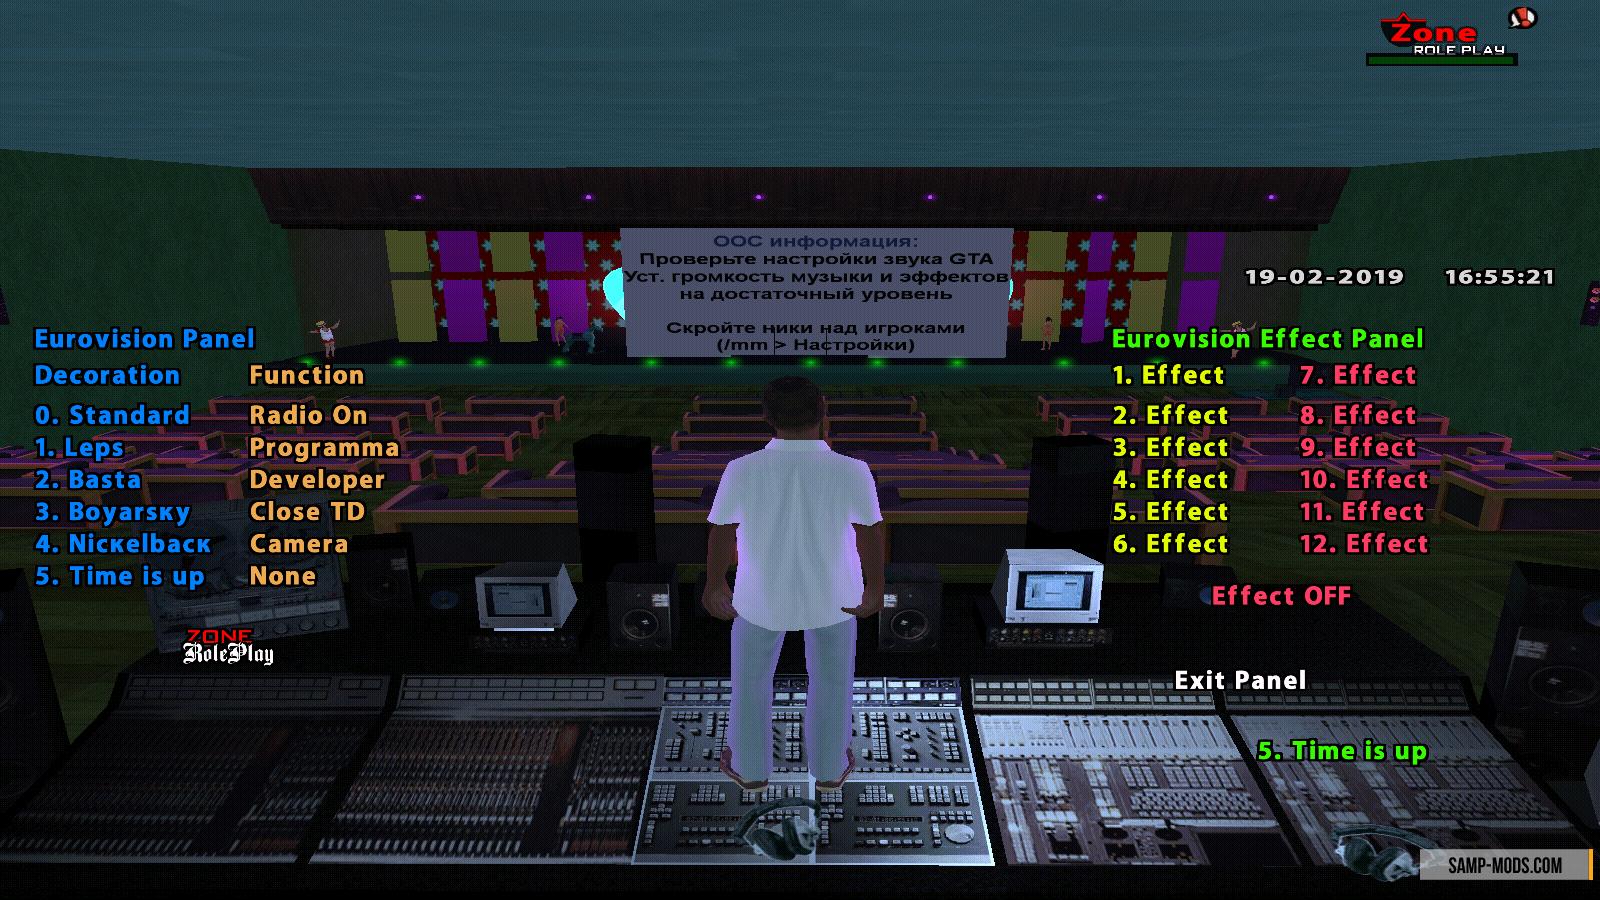 Хостинг для скриншотов самп хостинг провайдеры джино